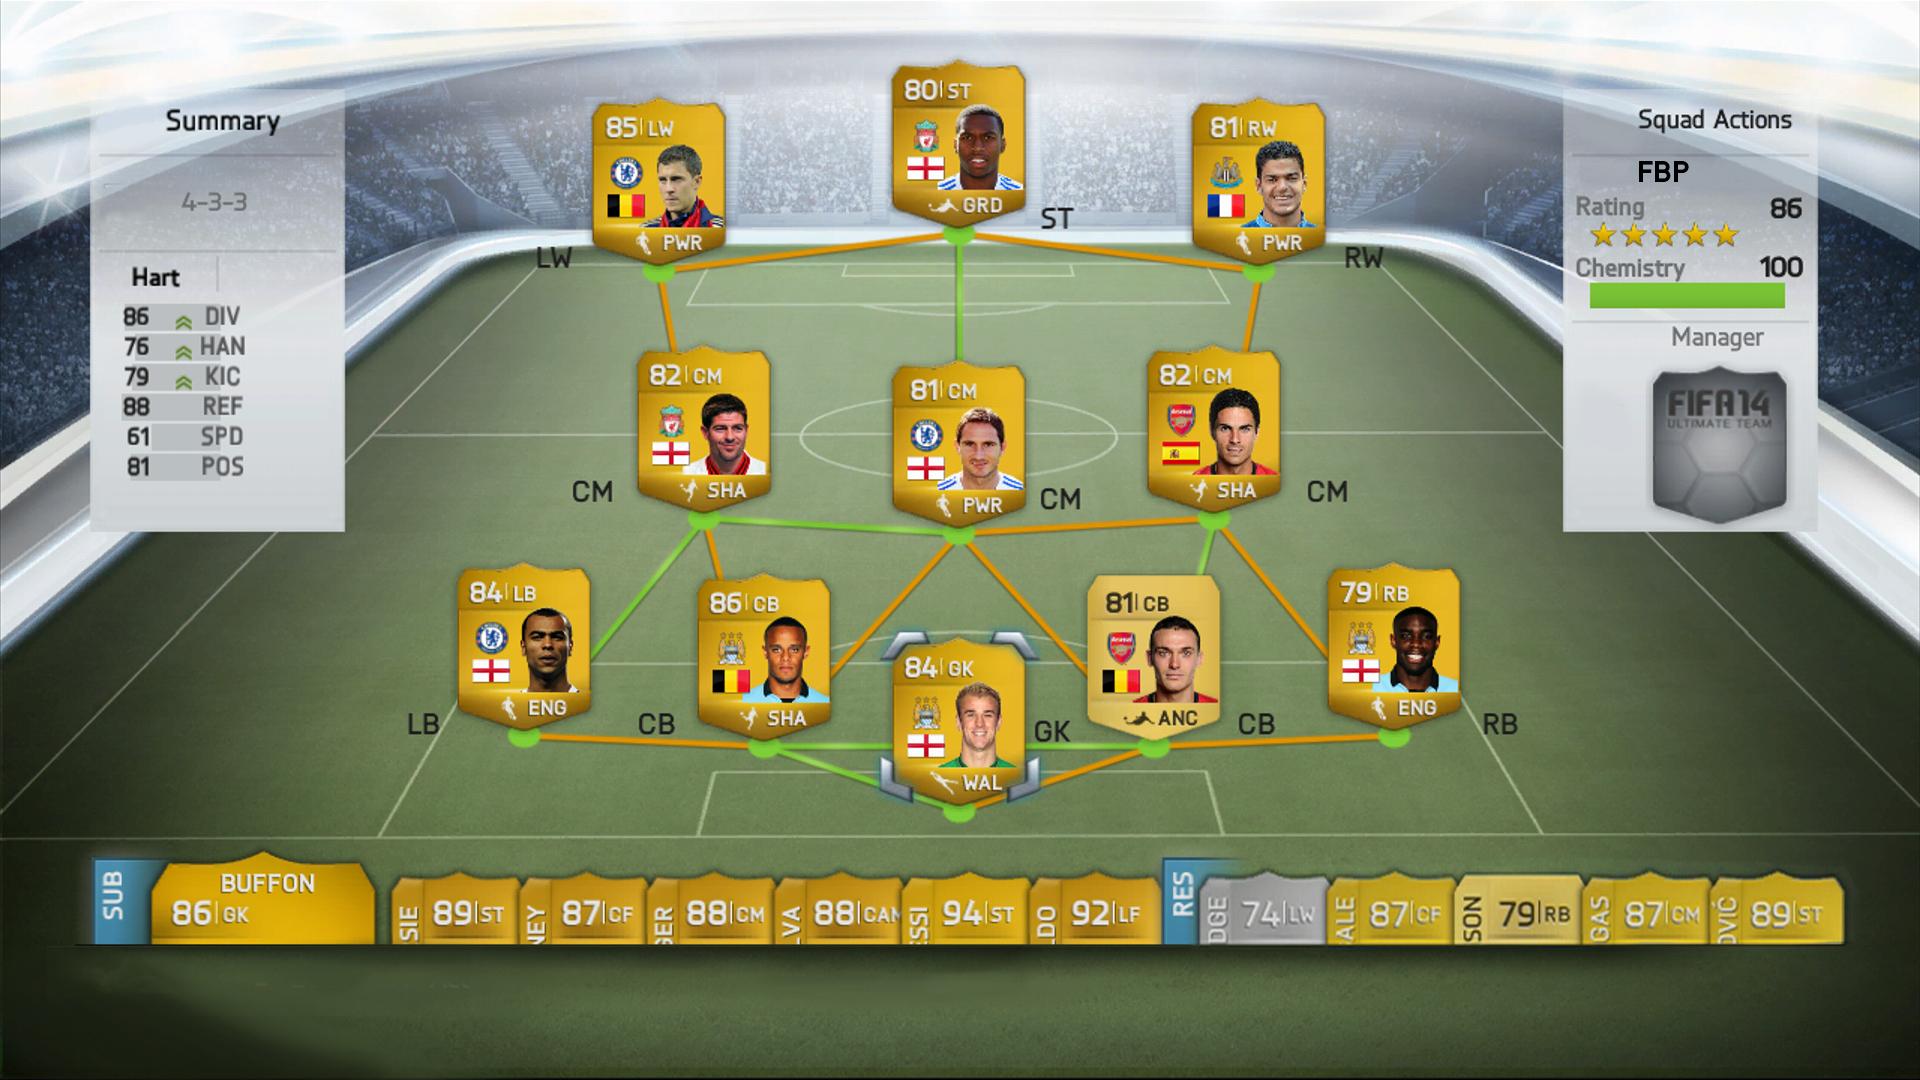 L'interfaccia dell'Ultimate Football team di Fifa 14